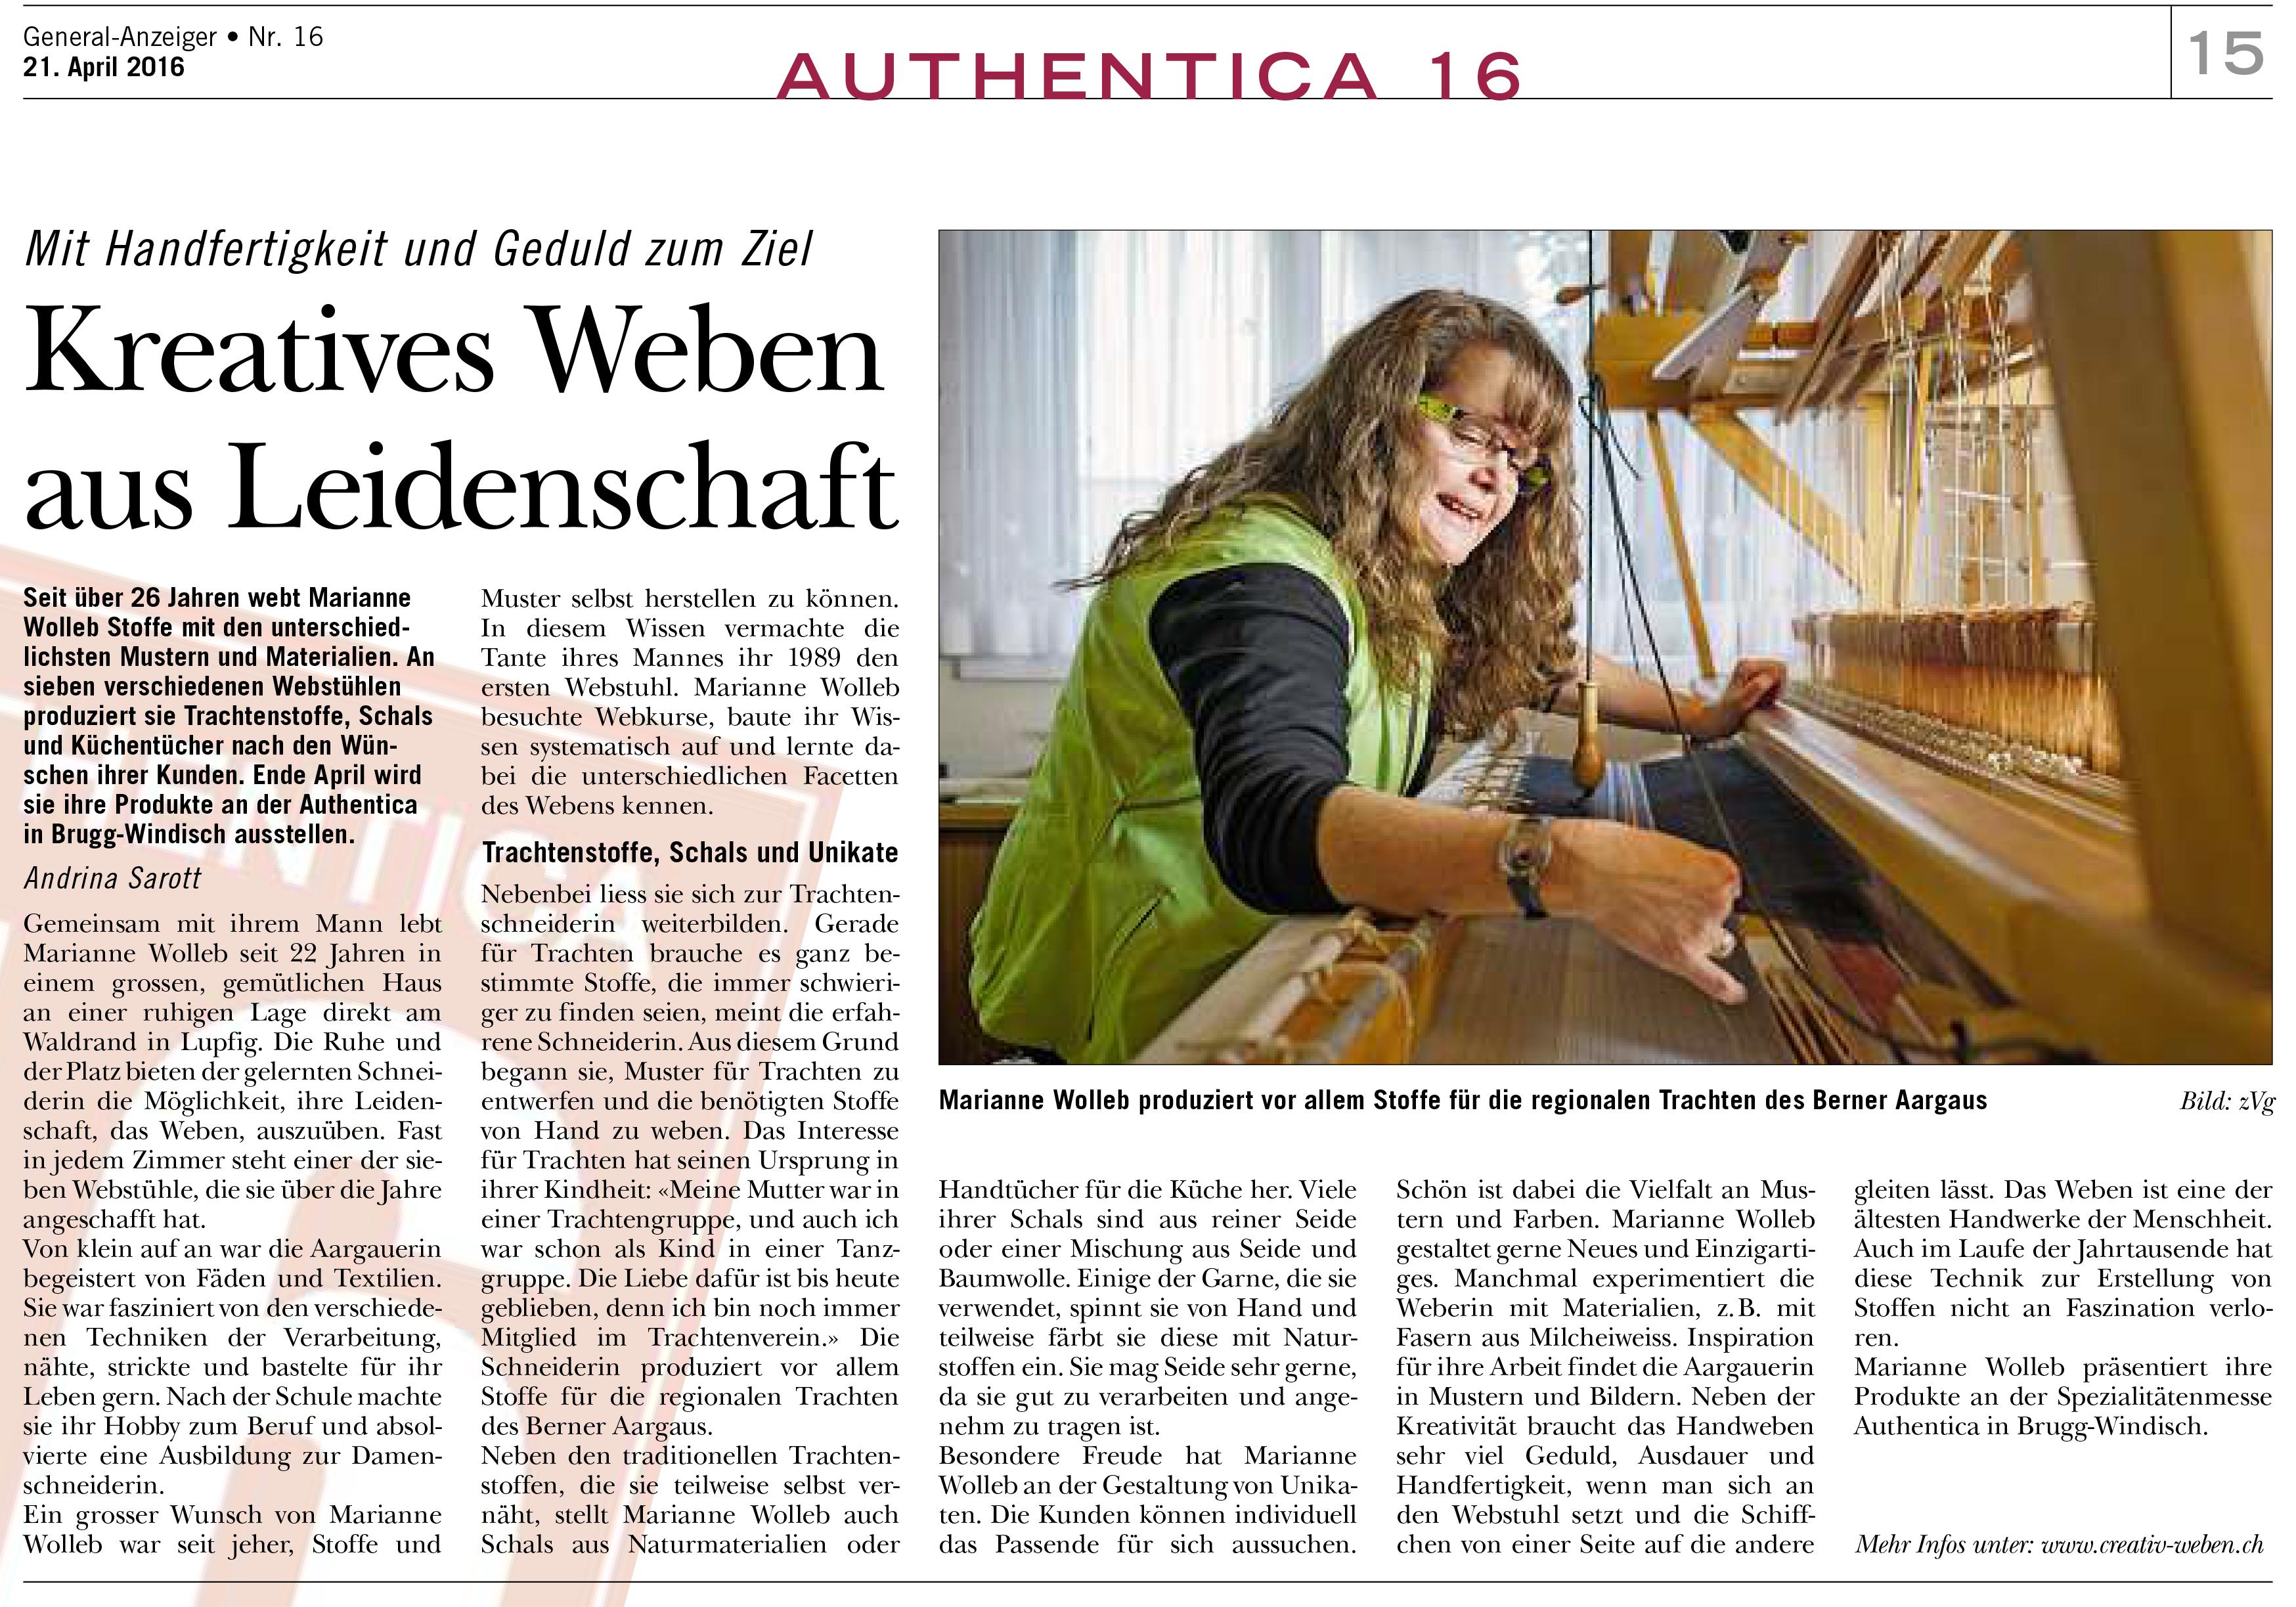 General-Anzeiger_Ausgabe_Woche_1616